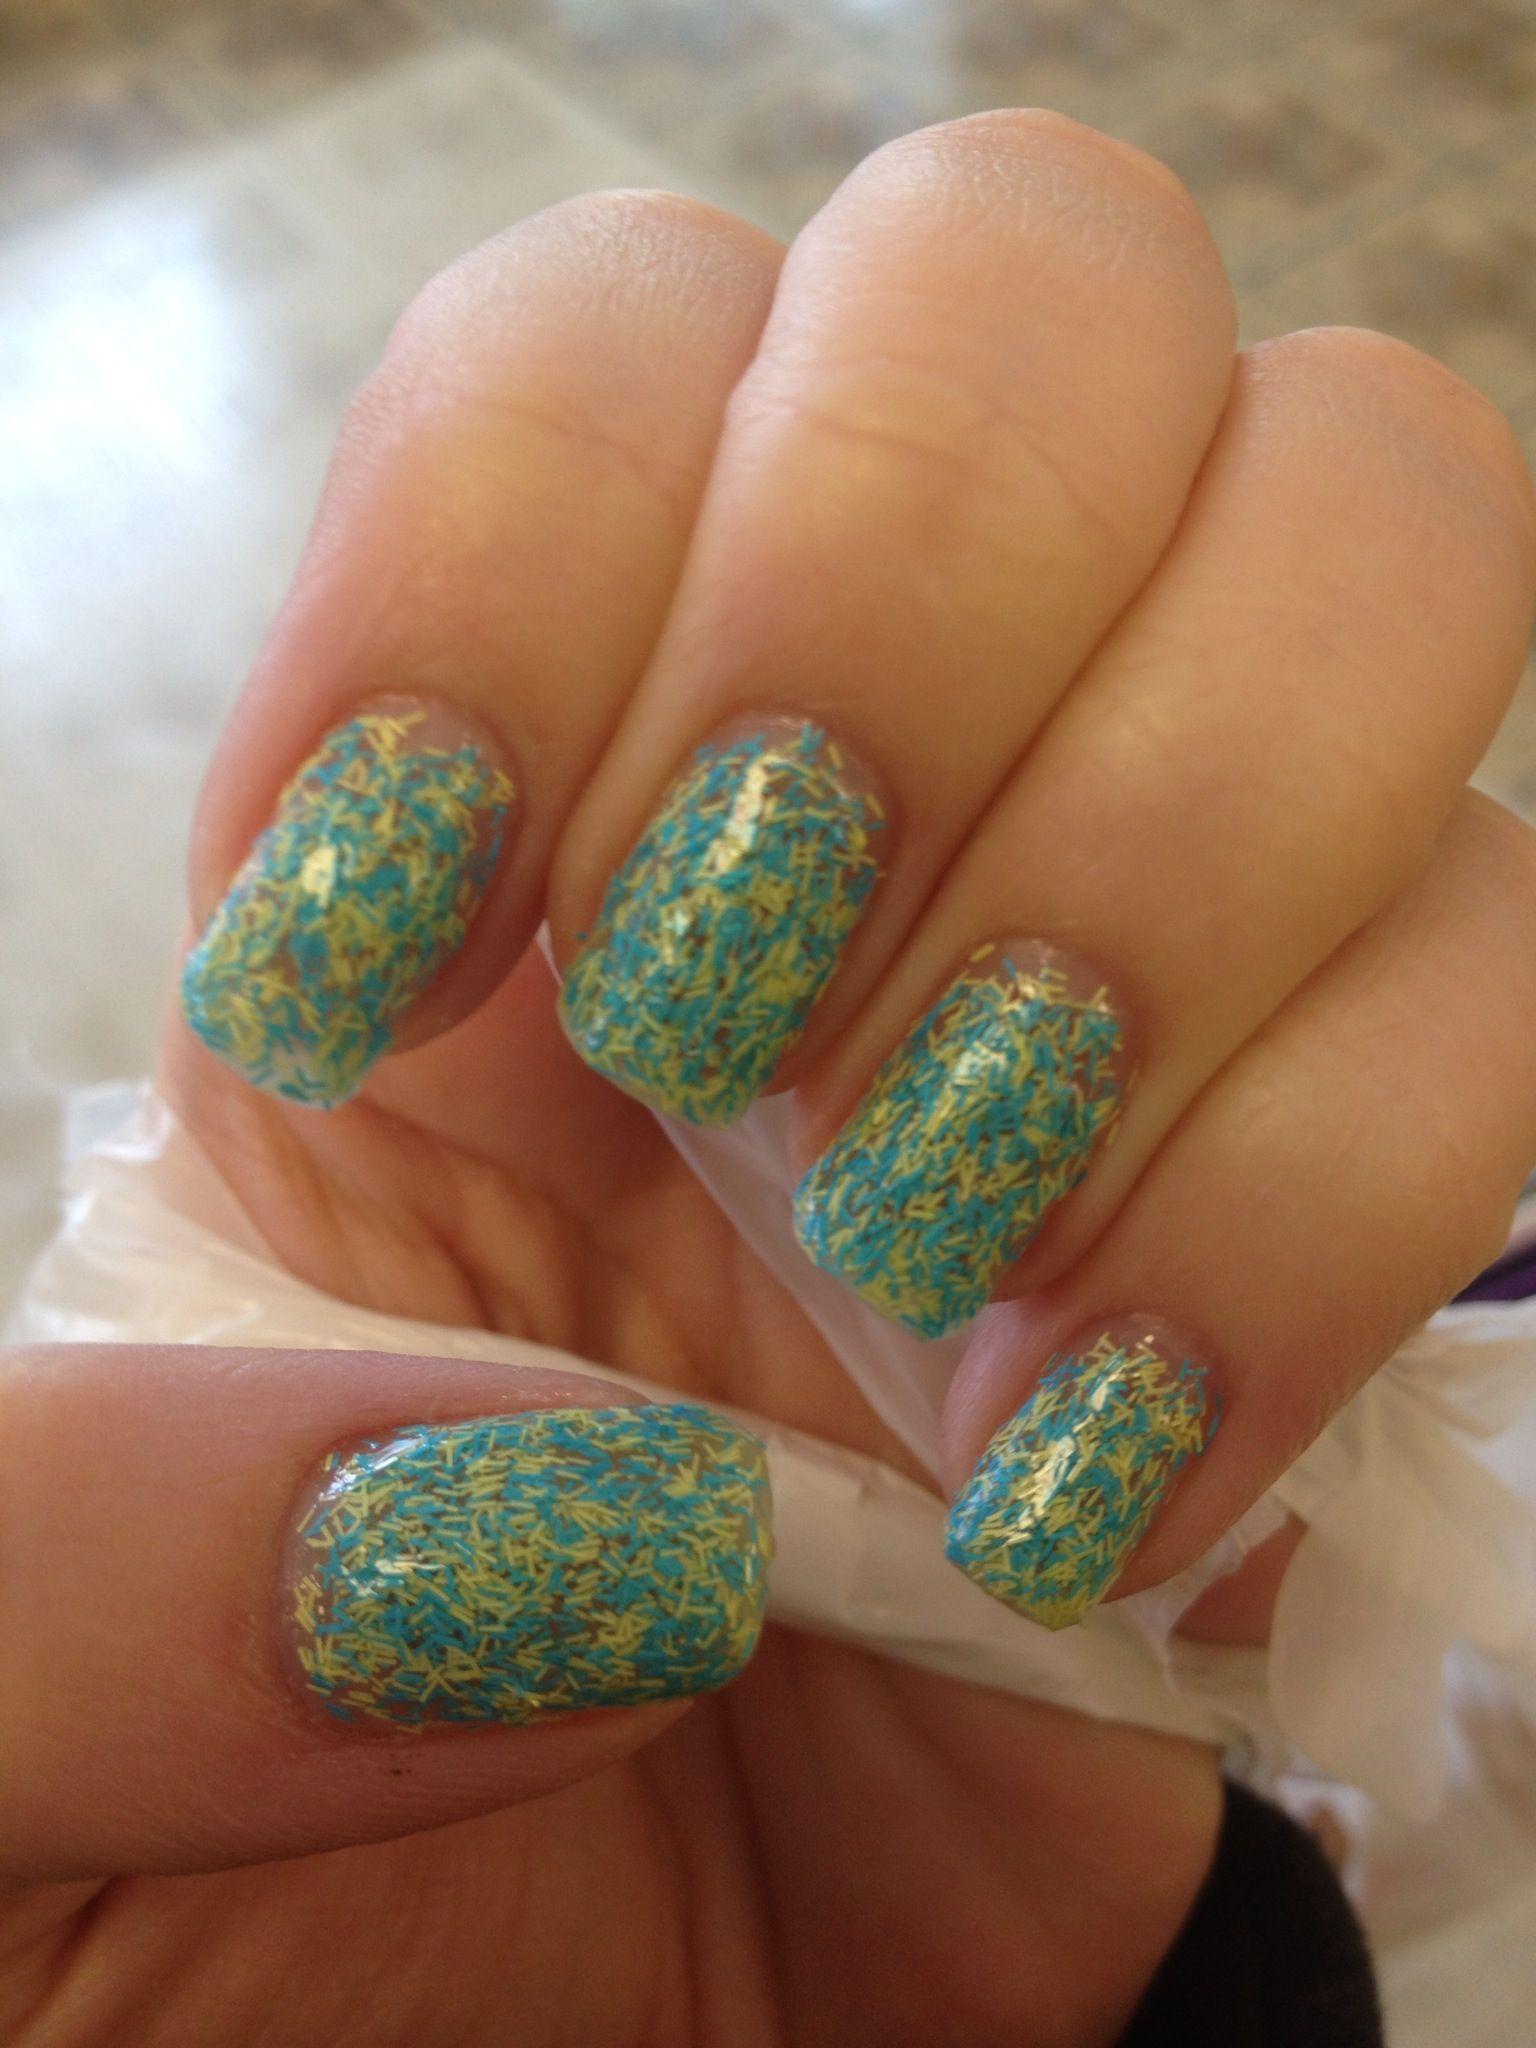 Sally Hanson Fuzzy nail color   Beauty   Pinterest   Sally, Nail ...